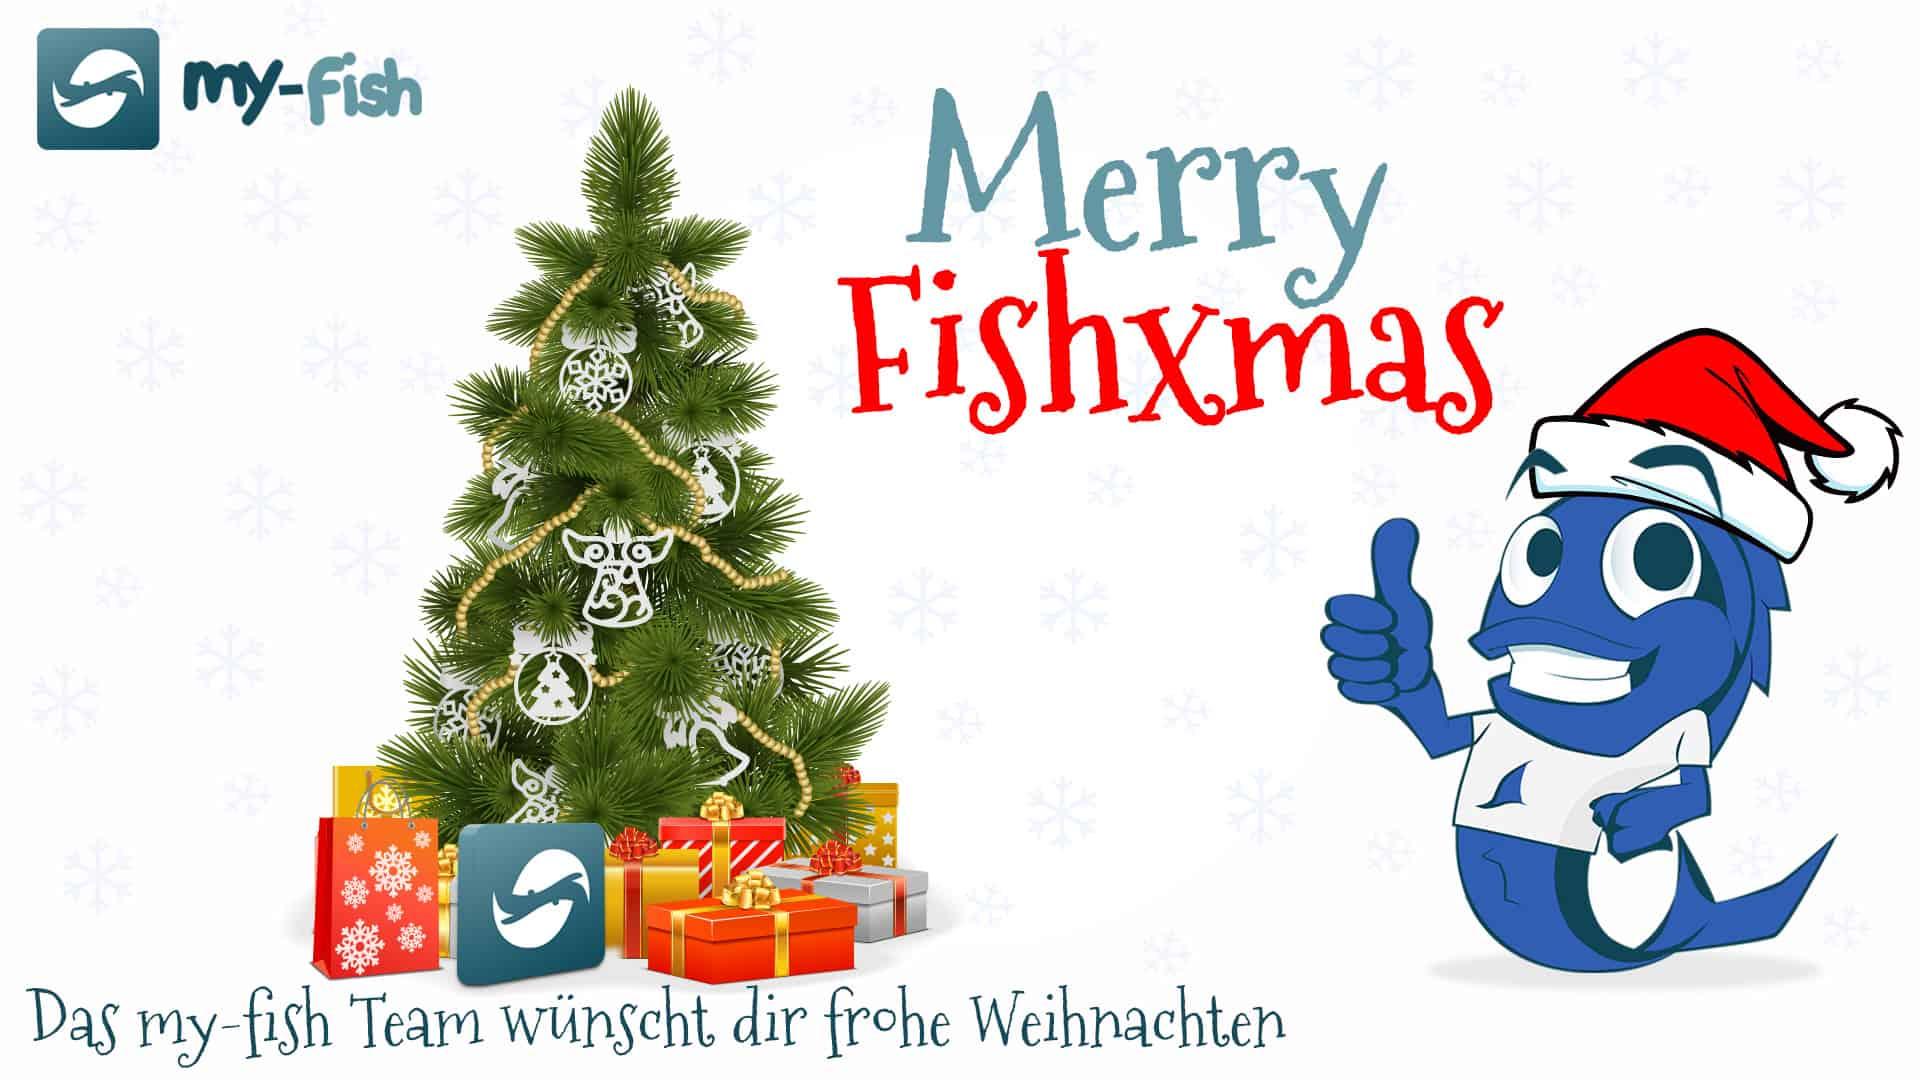 Weihnachten Xmas my-fish